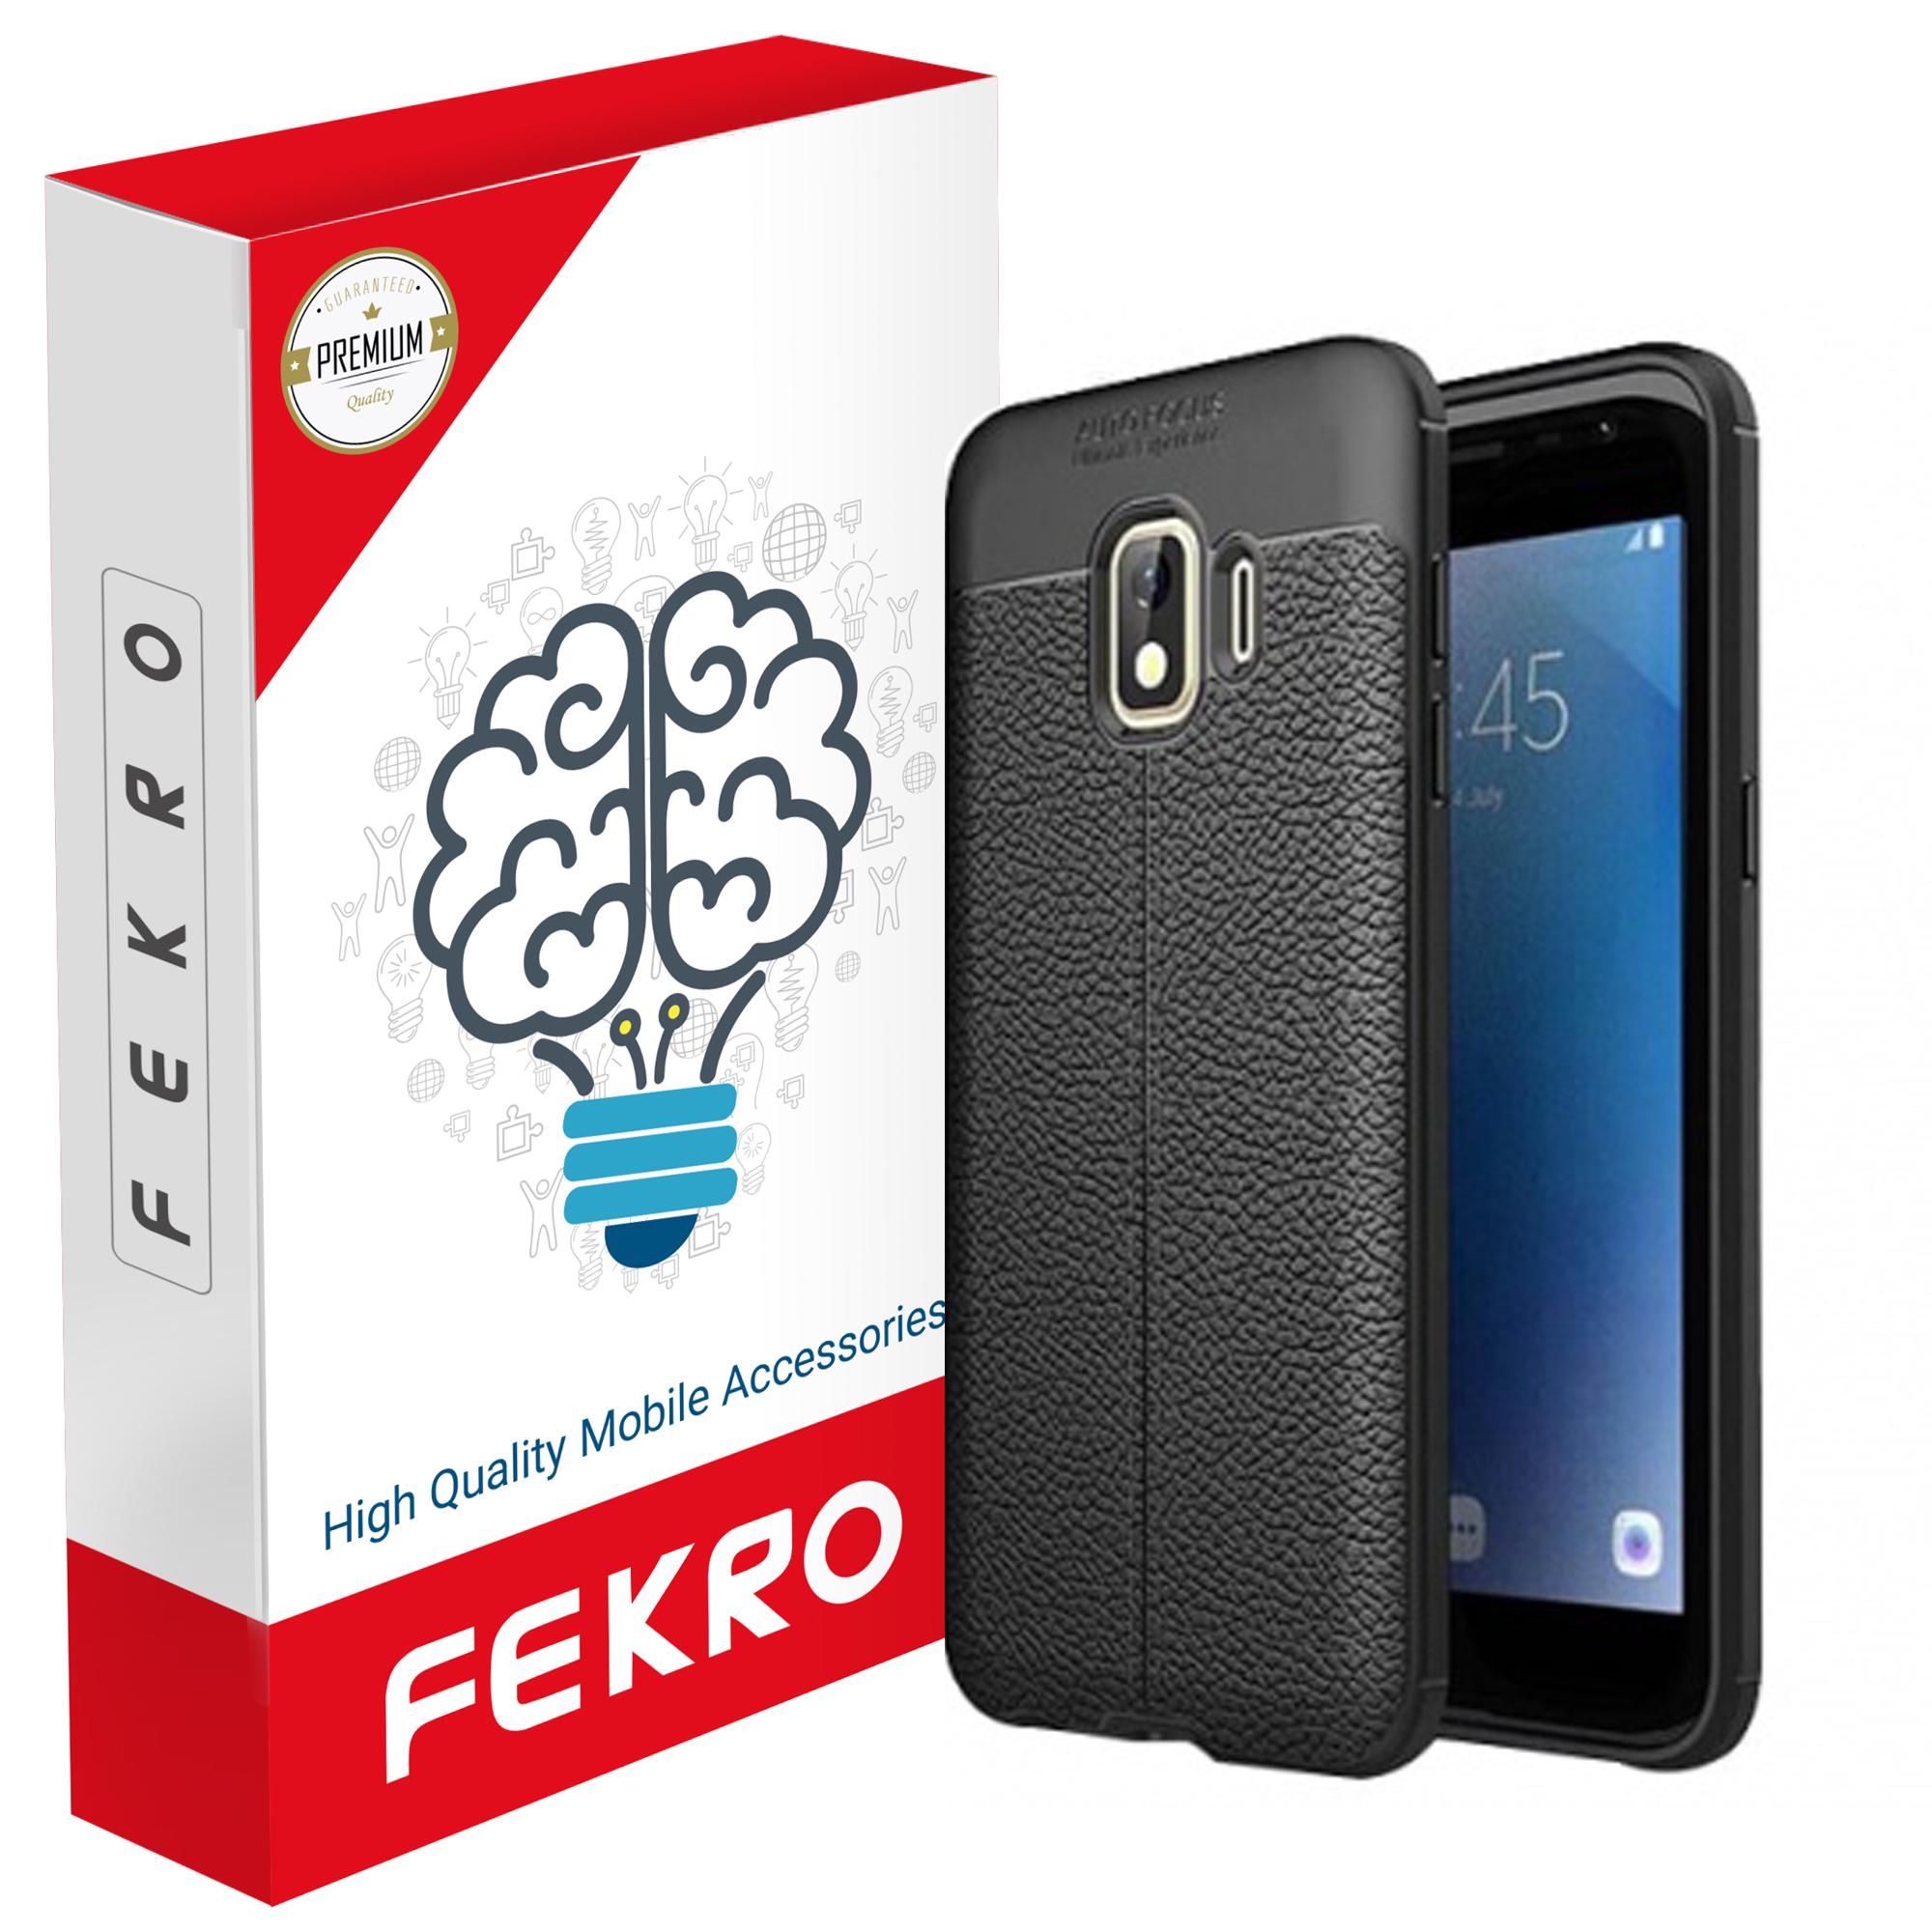 کاور فکرو مدل RX01 مناسب برای گوشی موبایل سامسونگ Galaxy Grand prime pro